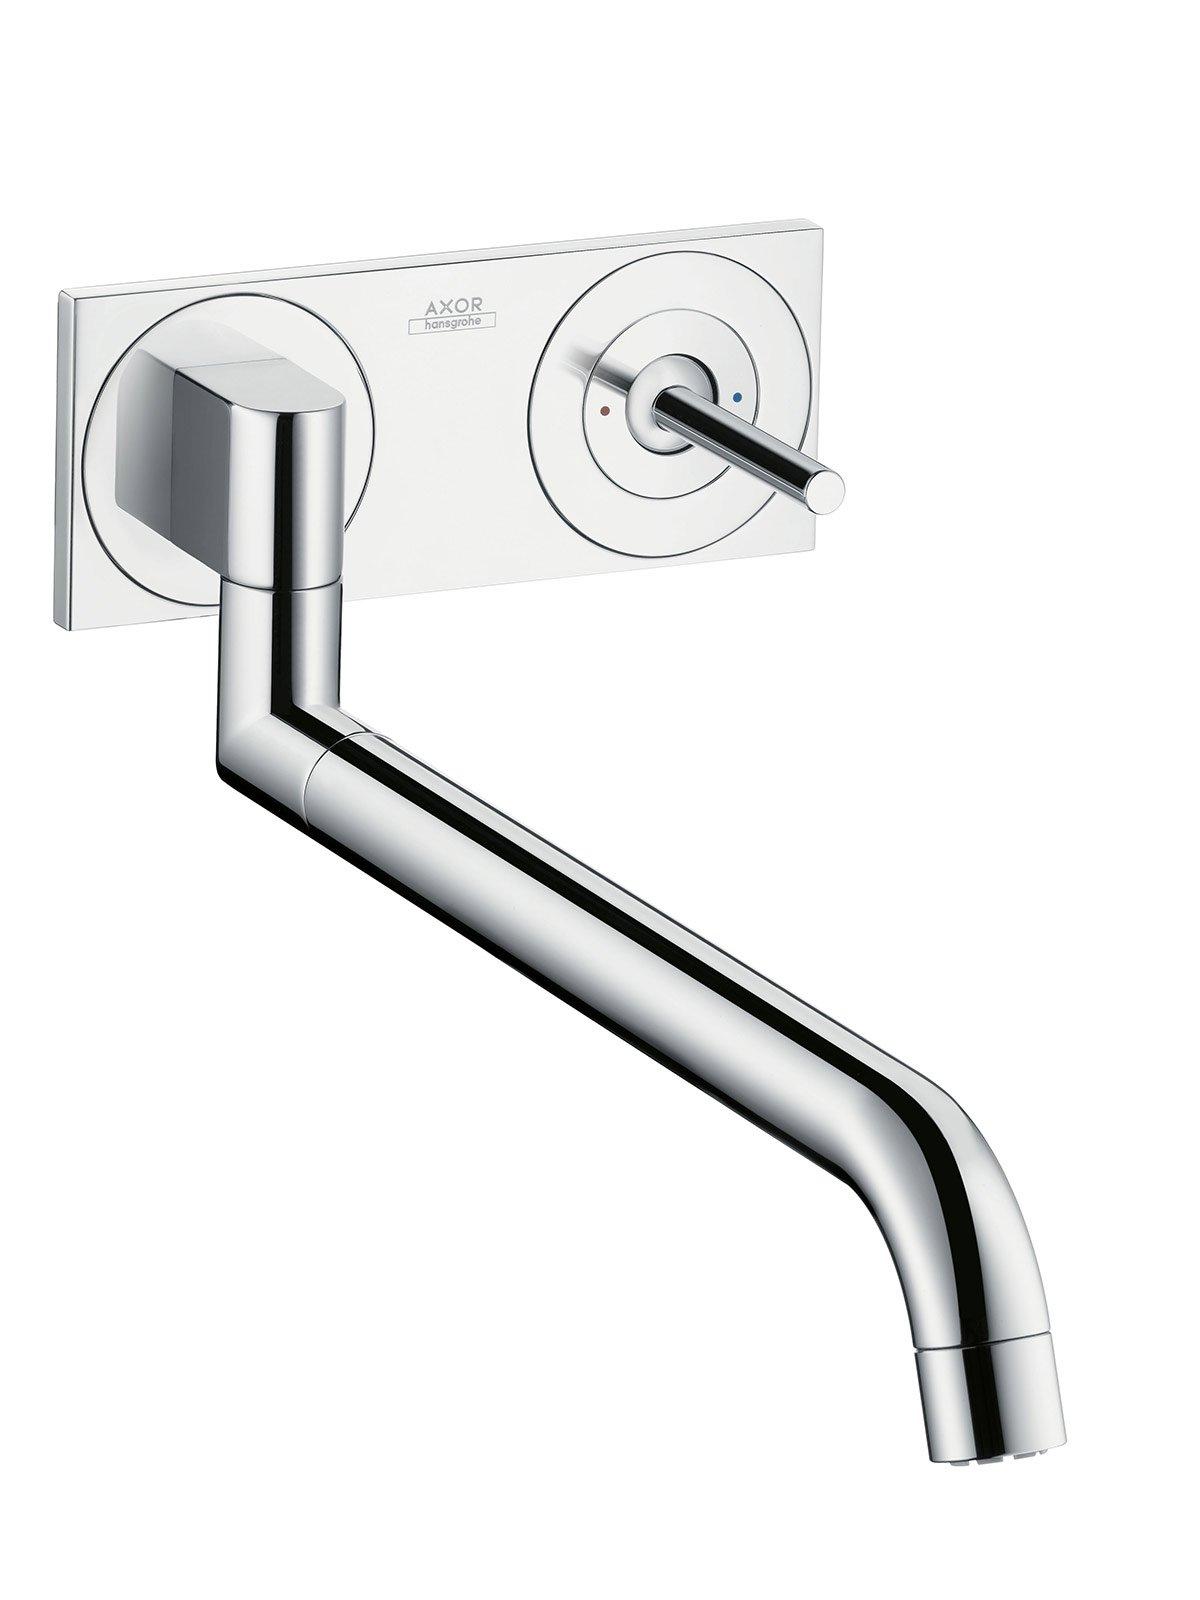 Cucina rubinetti per il lavello cose di casa for Rubinetti design